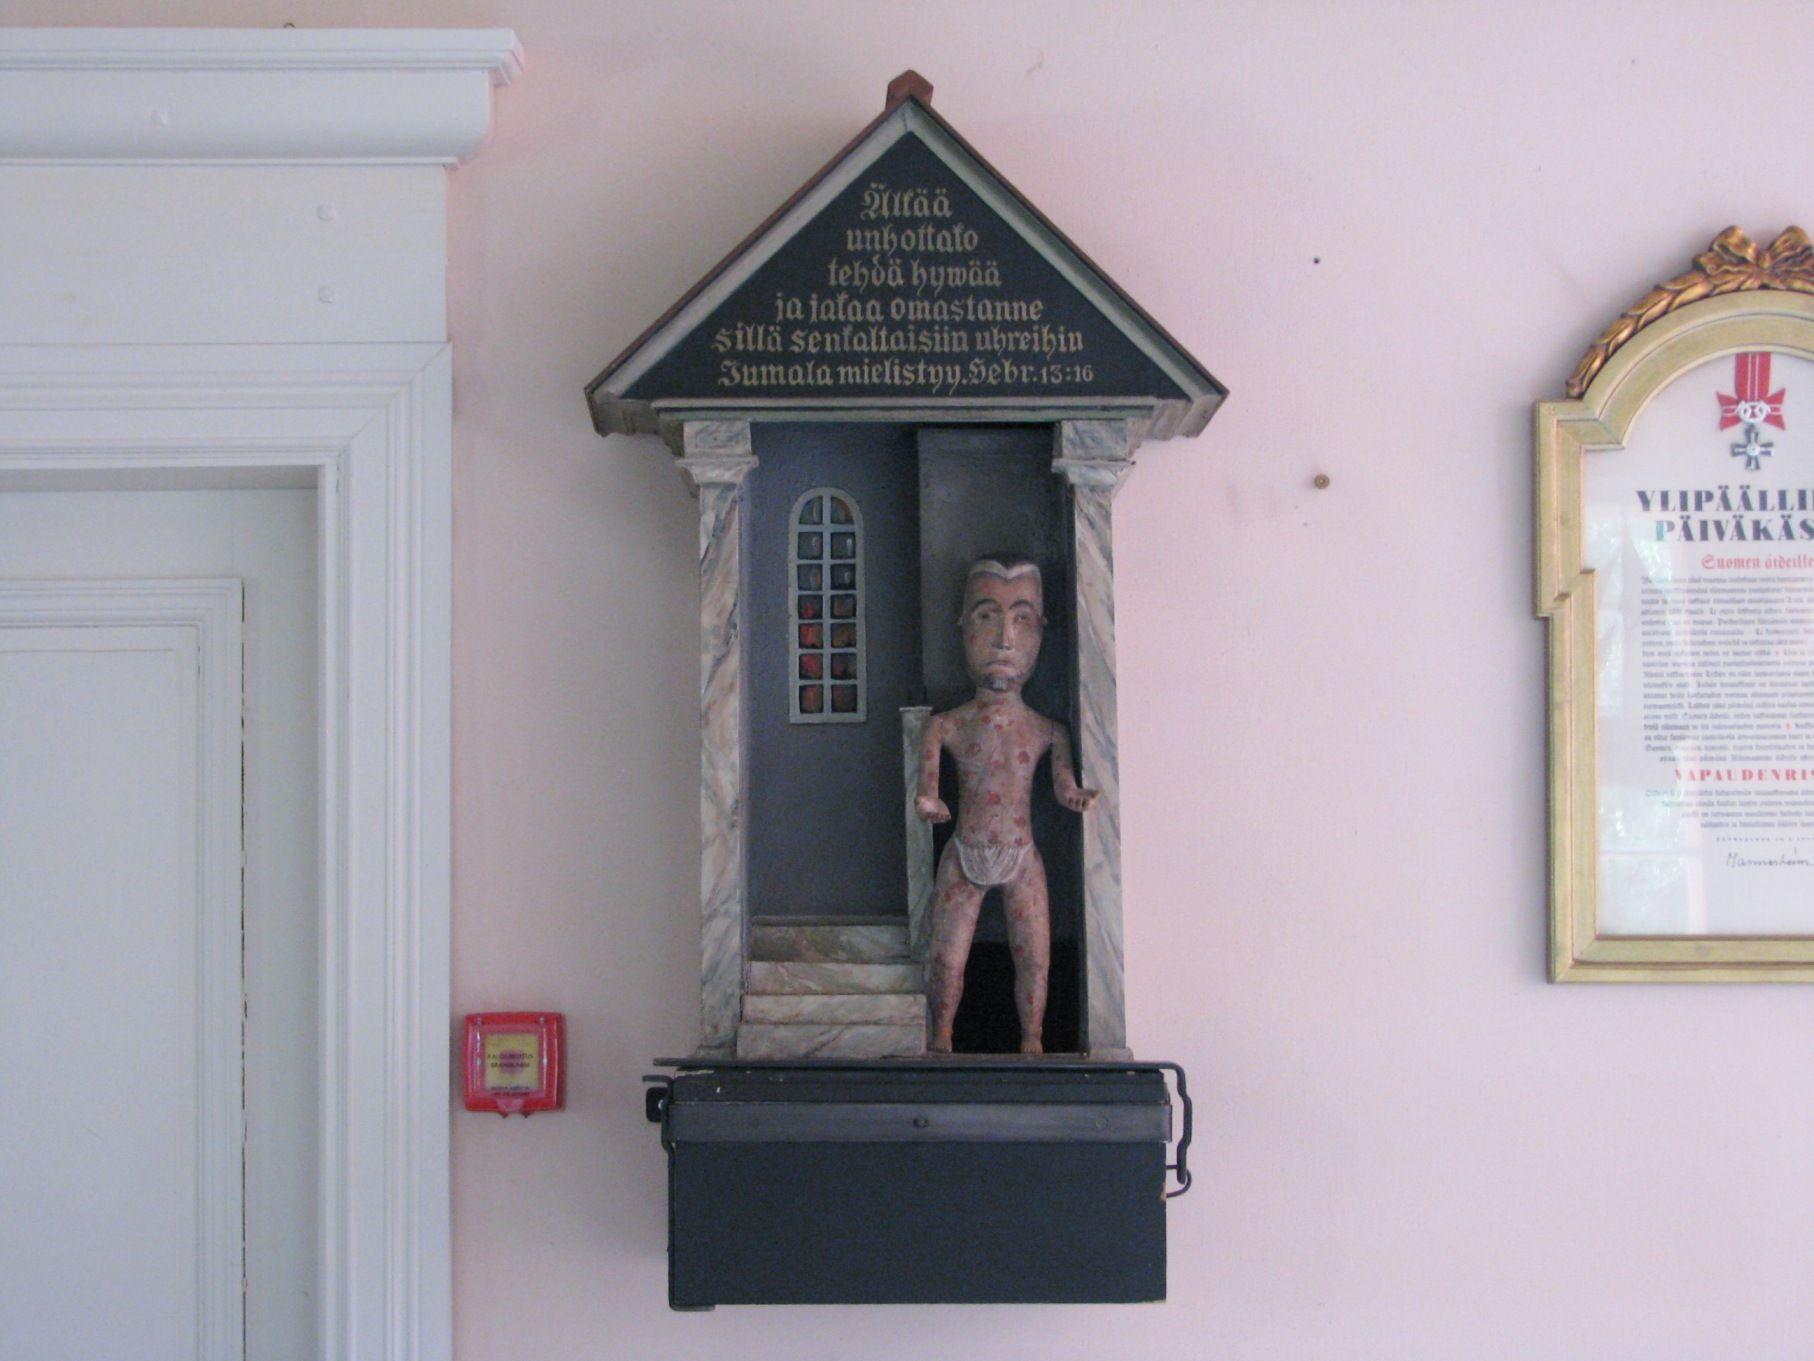 Salo Särkisalon kirkon vaivaisukko, jolla kokoa oli vähänlaisesti ja se olikin nostettu kirkkosalin seinälle pohjoisen sisäänkäynnin viereen.